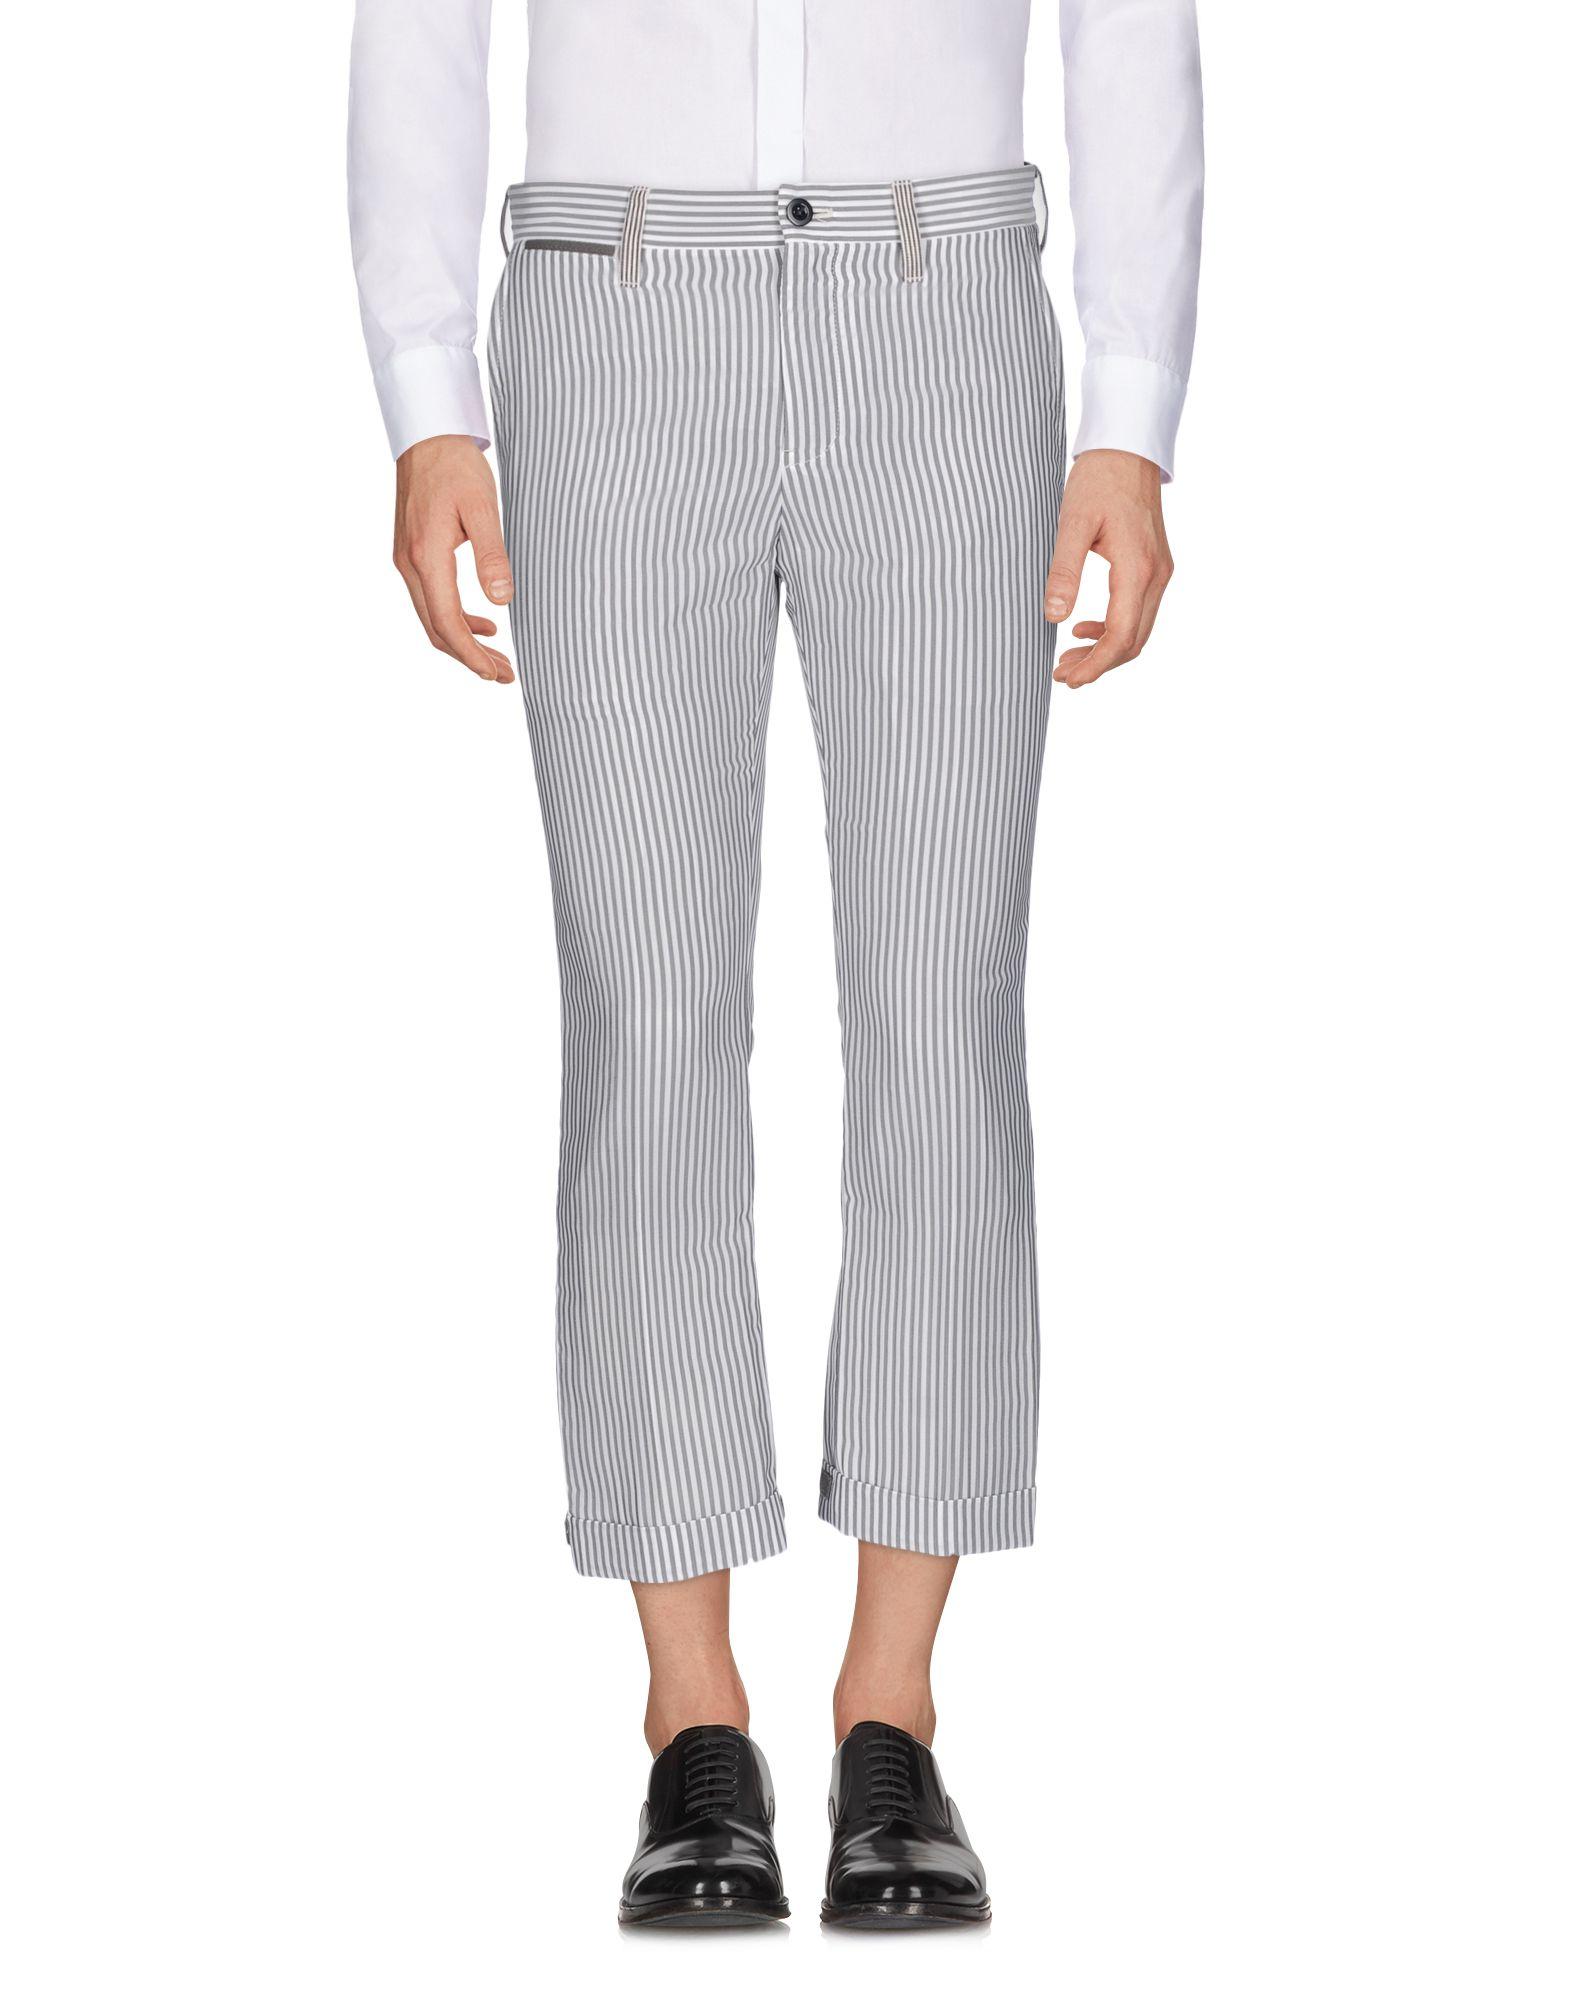 Pantalone Sacai Uomo - Acquista online su